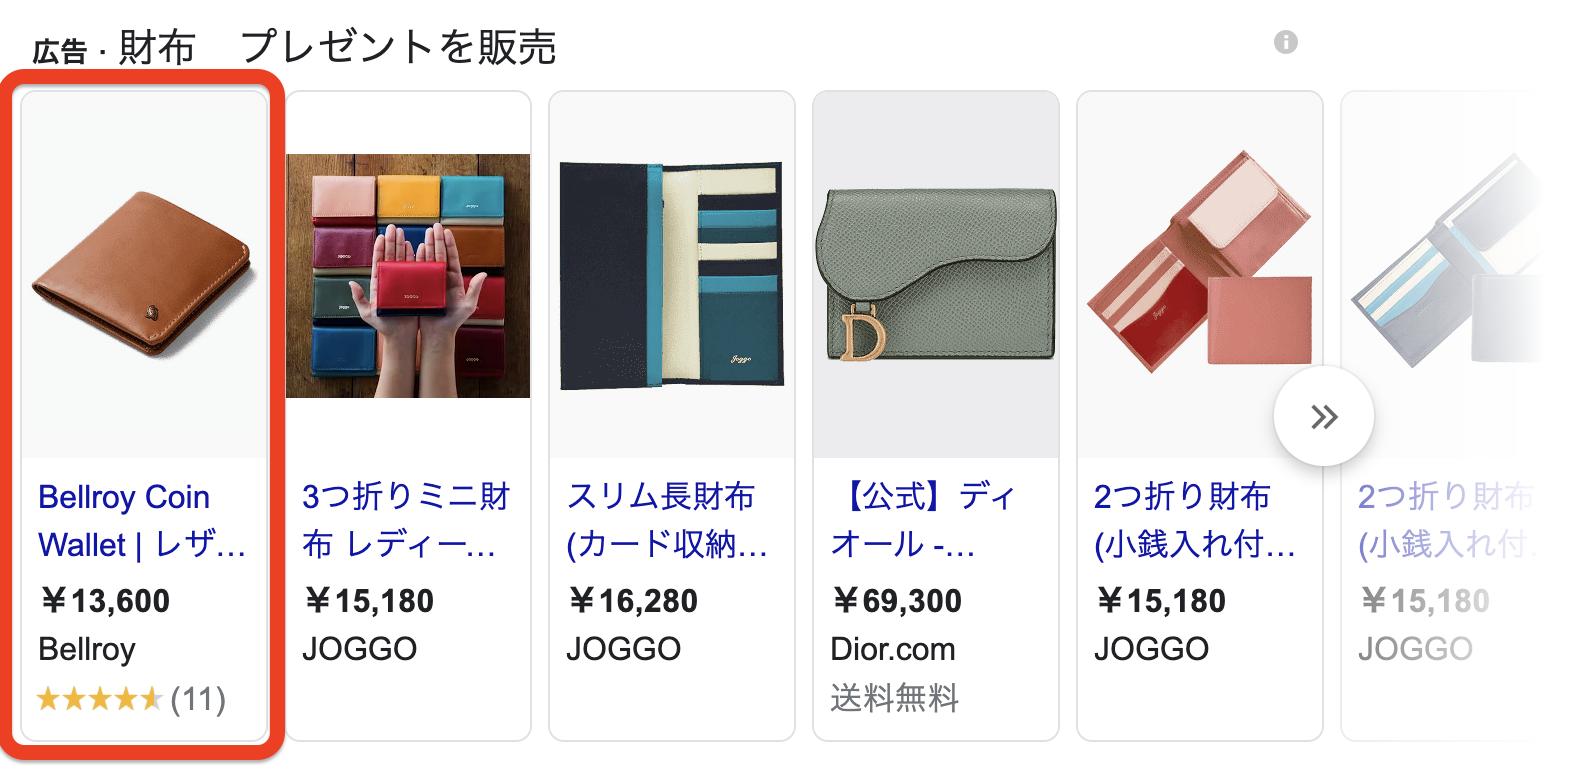 商品リスト広告 例